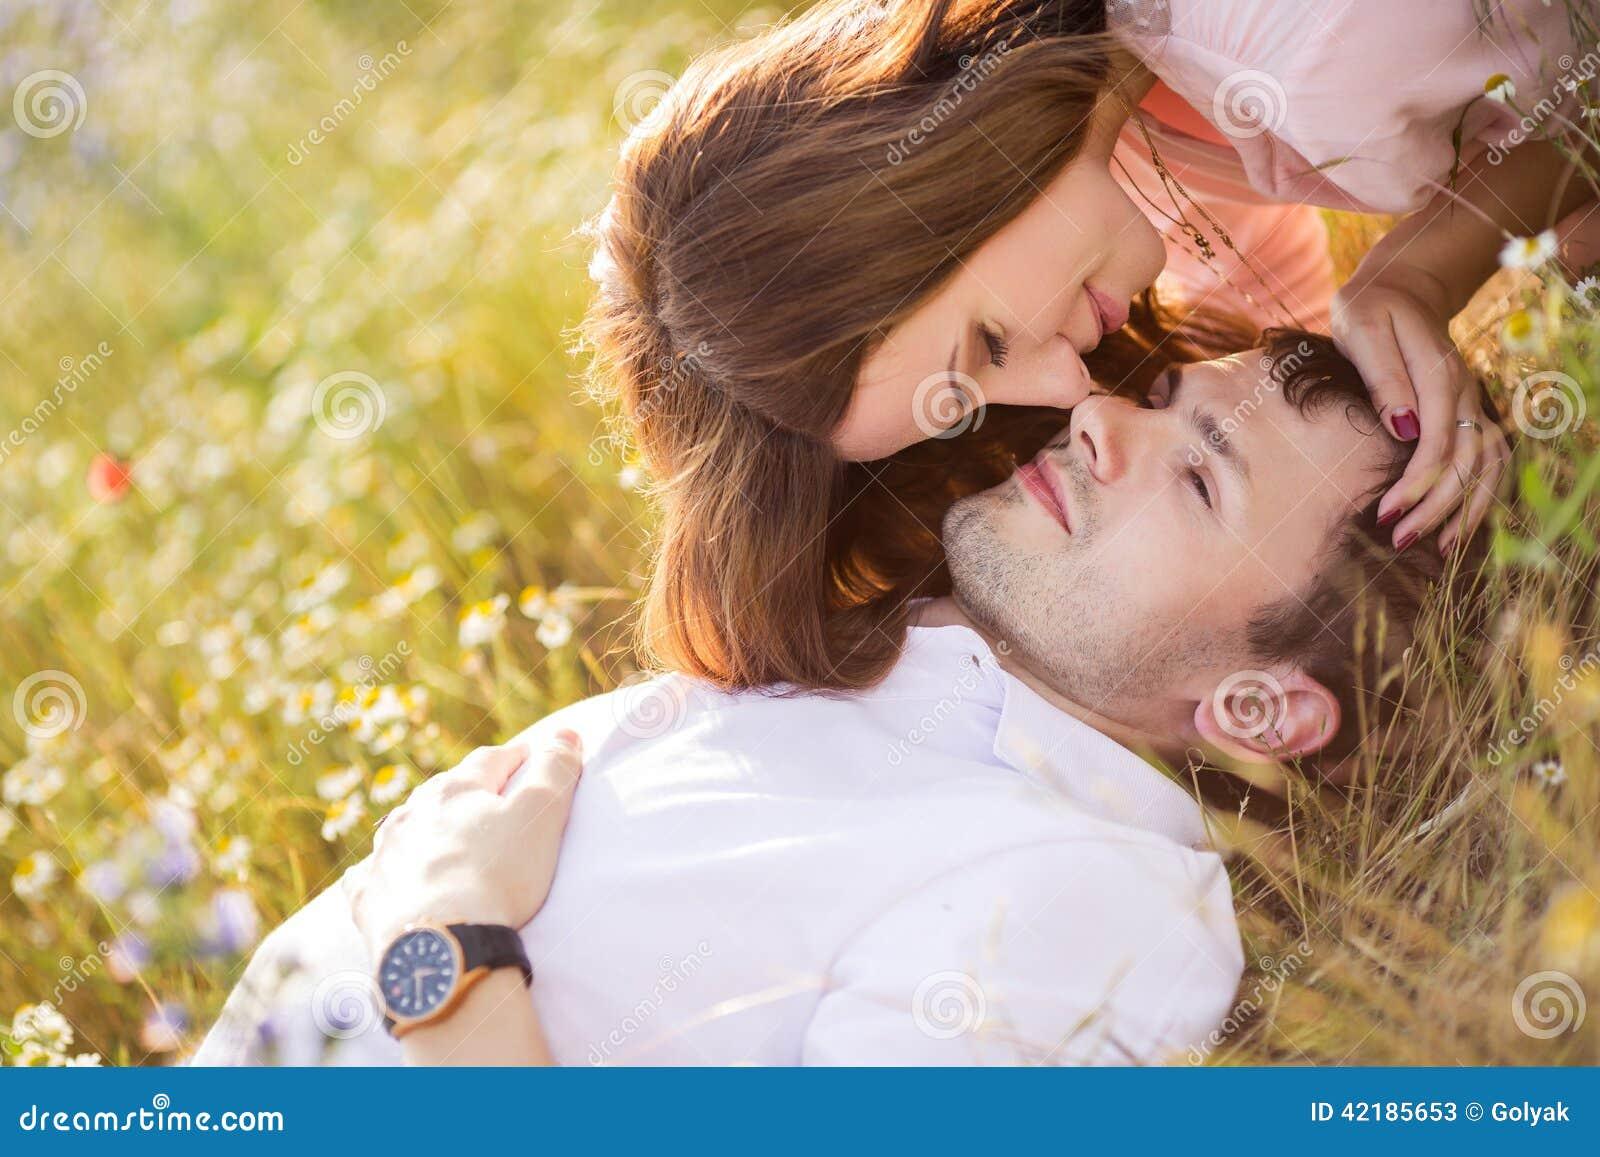 Секс с красивой чувственной девочкой 19 фотография